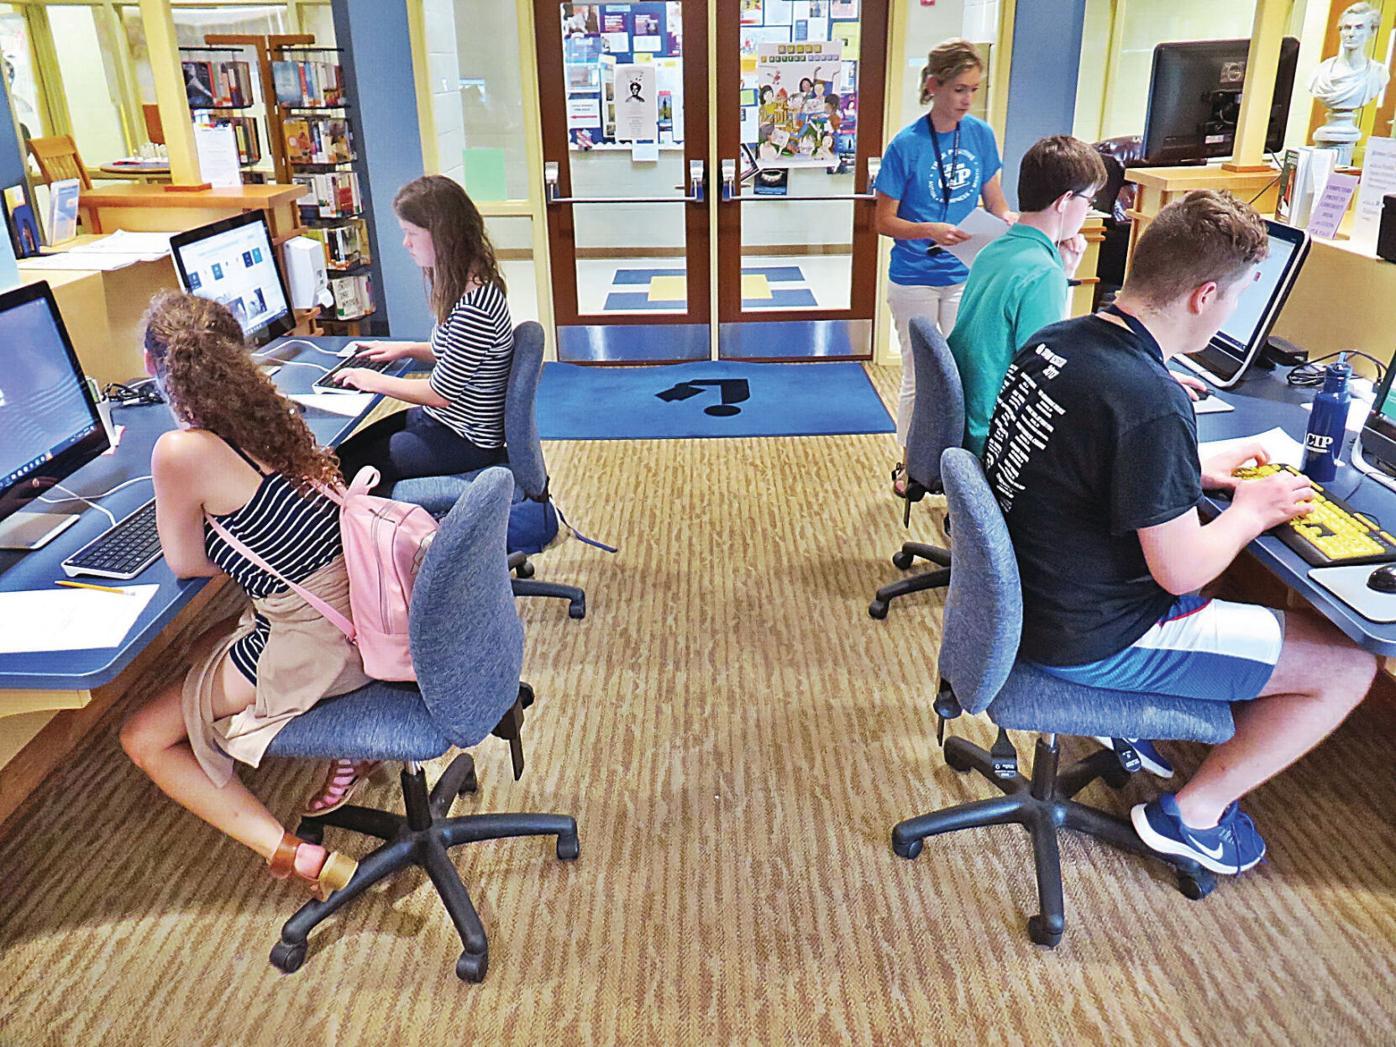 Summer@CIP program helps build social skills in teens